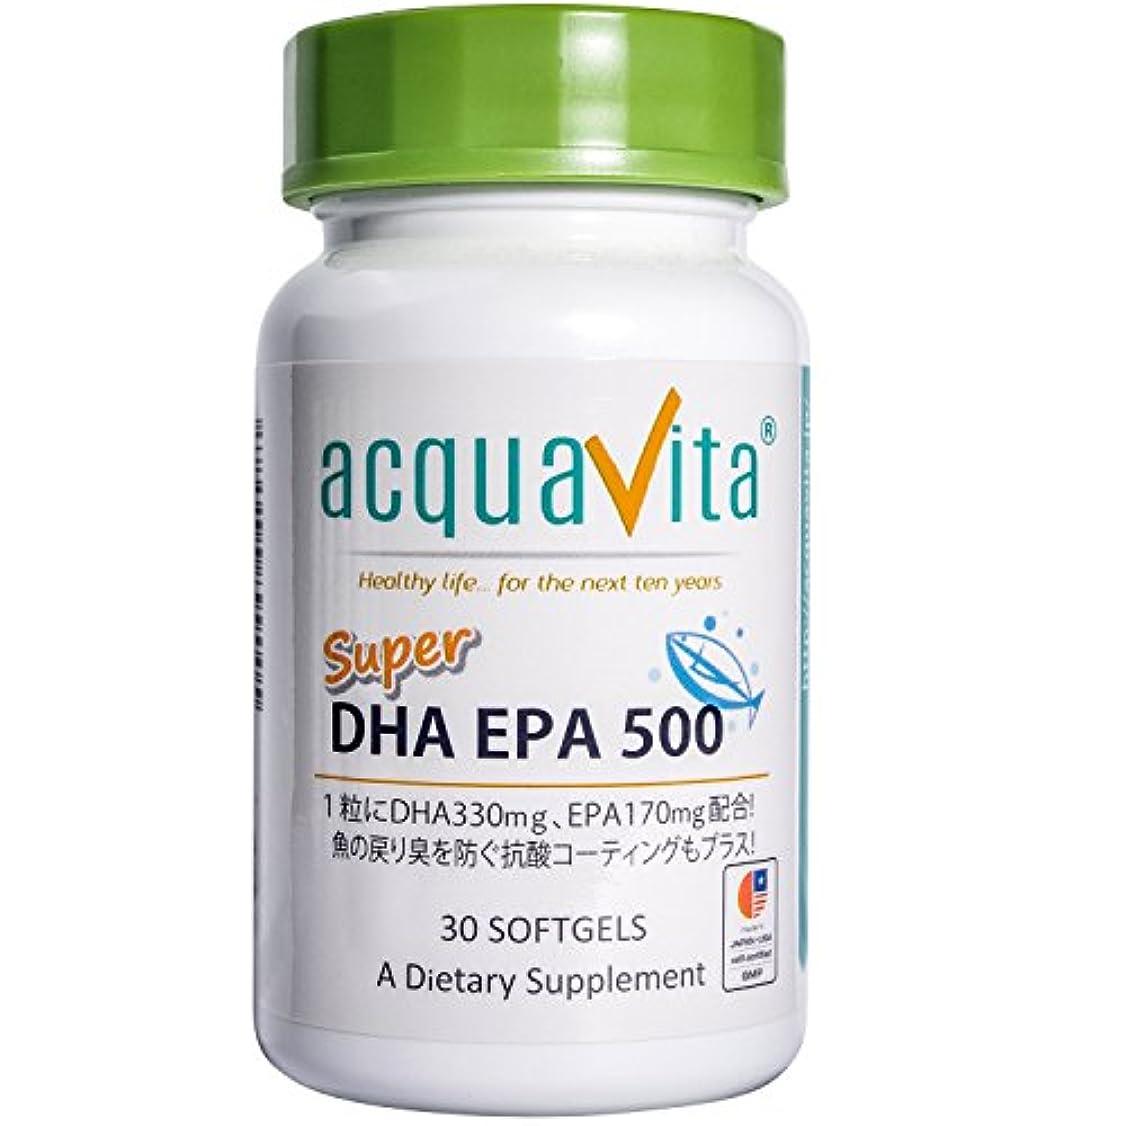 真似る芸術違法acquavita(アクアヴィータ) スーパーDHAEPA500 30粒